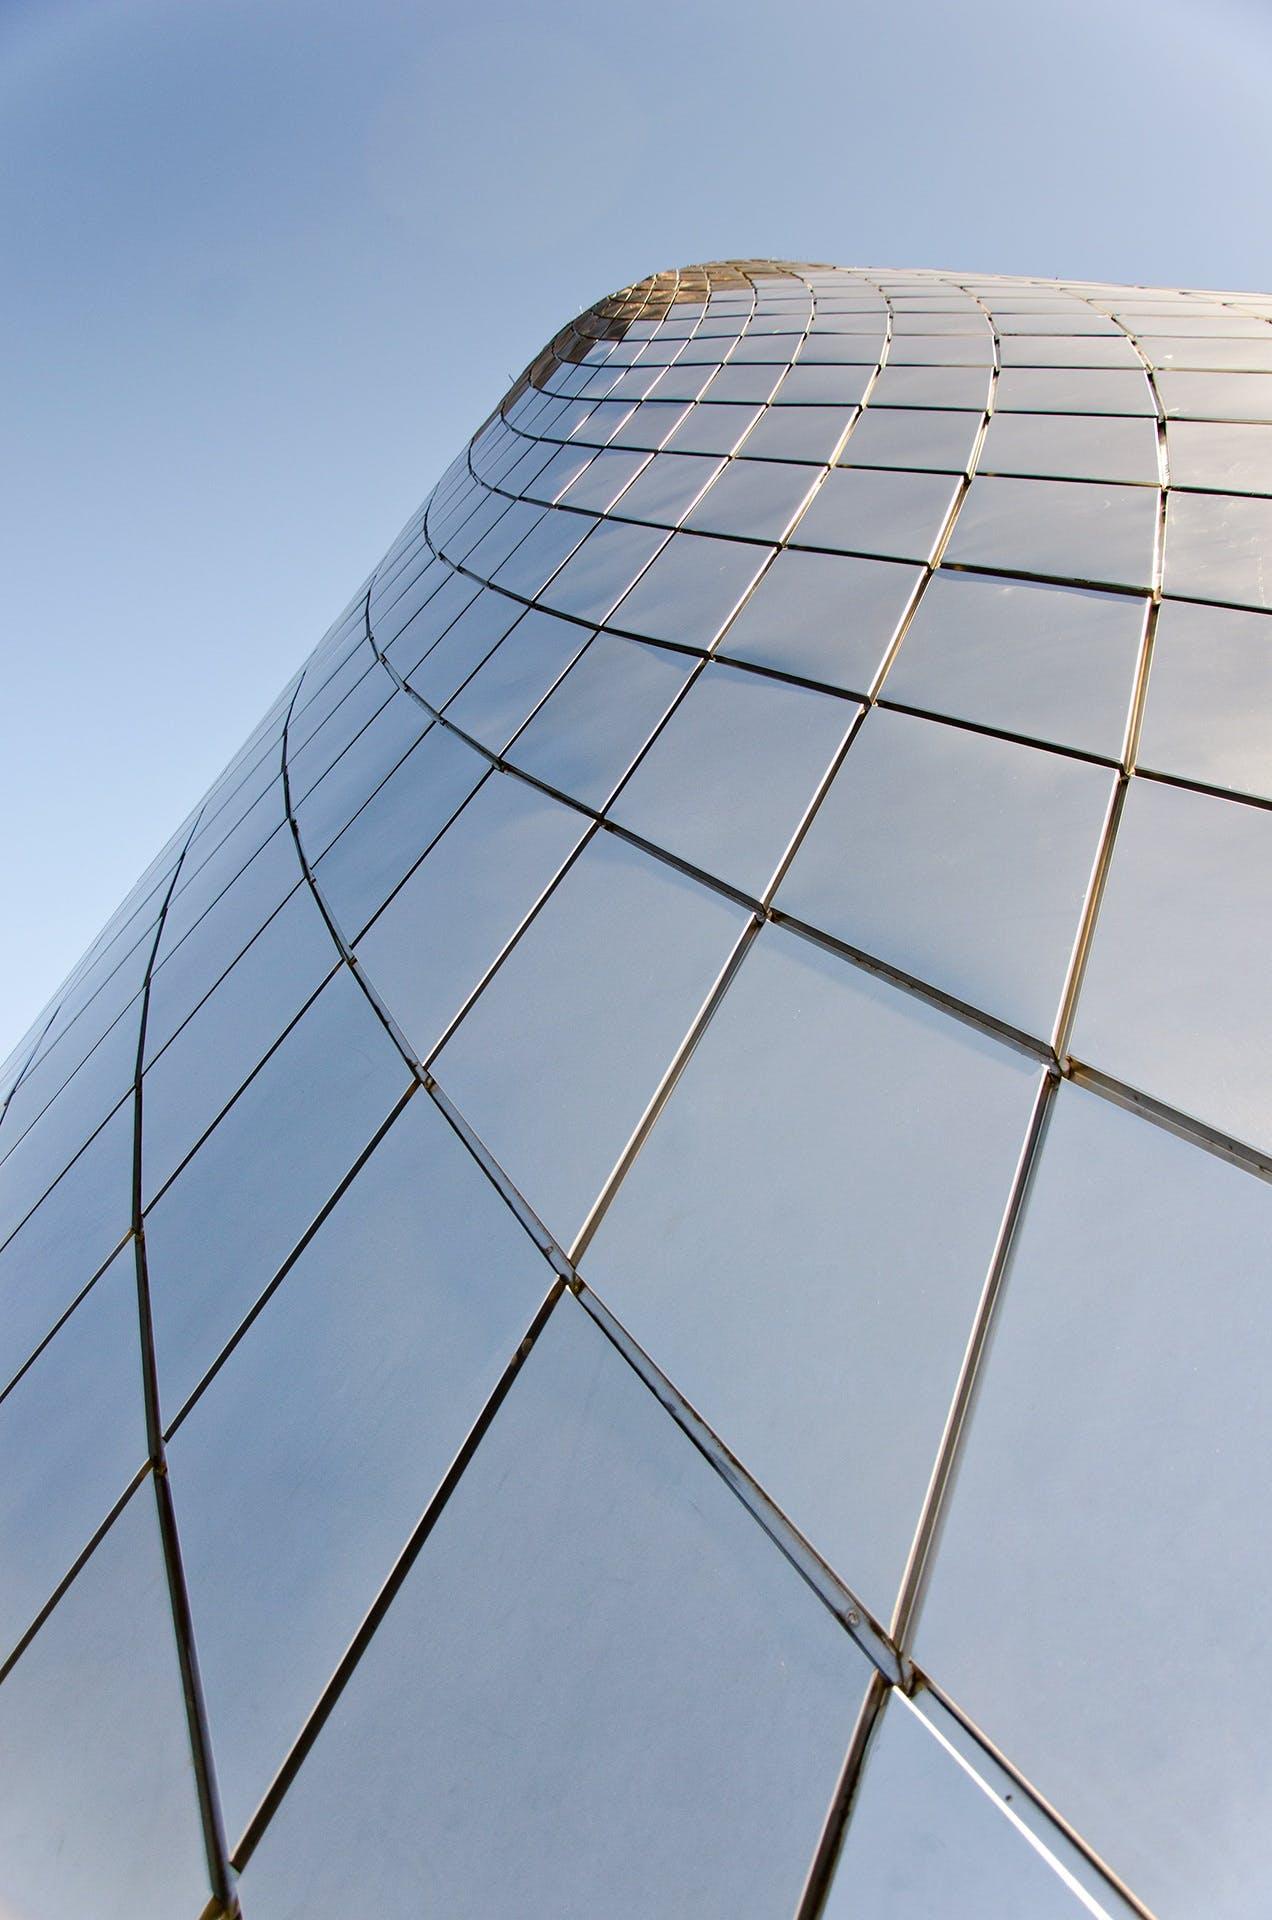 Foto d'estoc gratuïta de acer, arquitectònic, arquitectura, cel